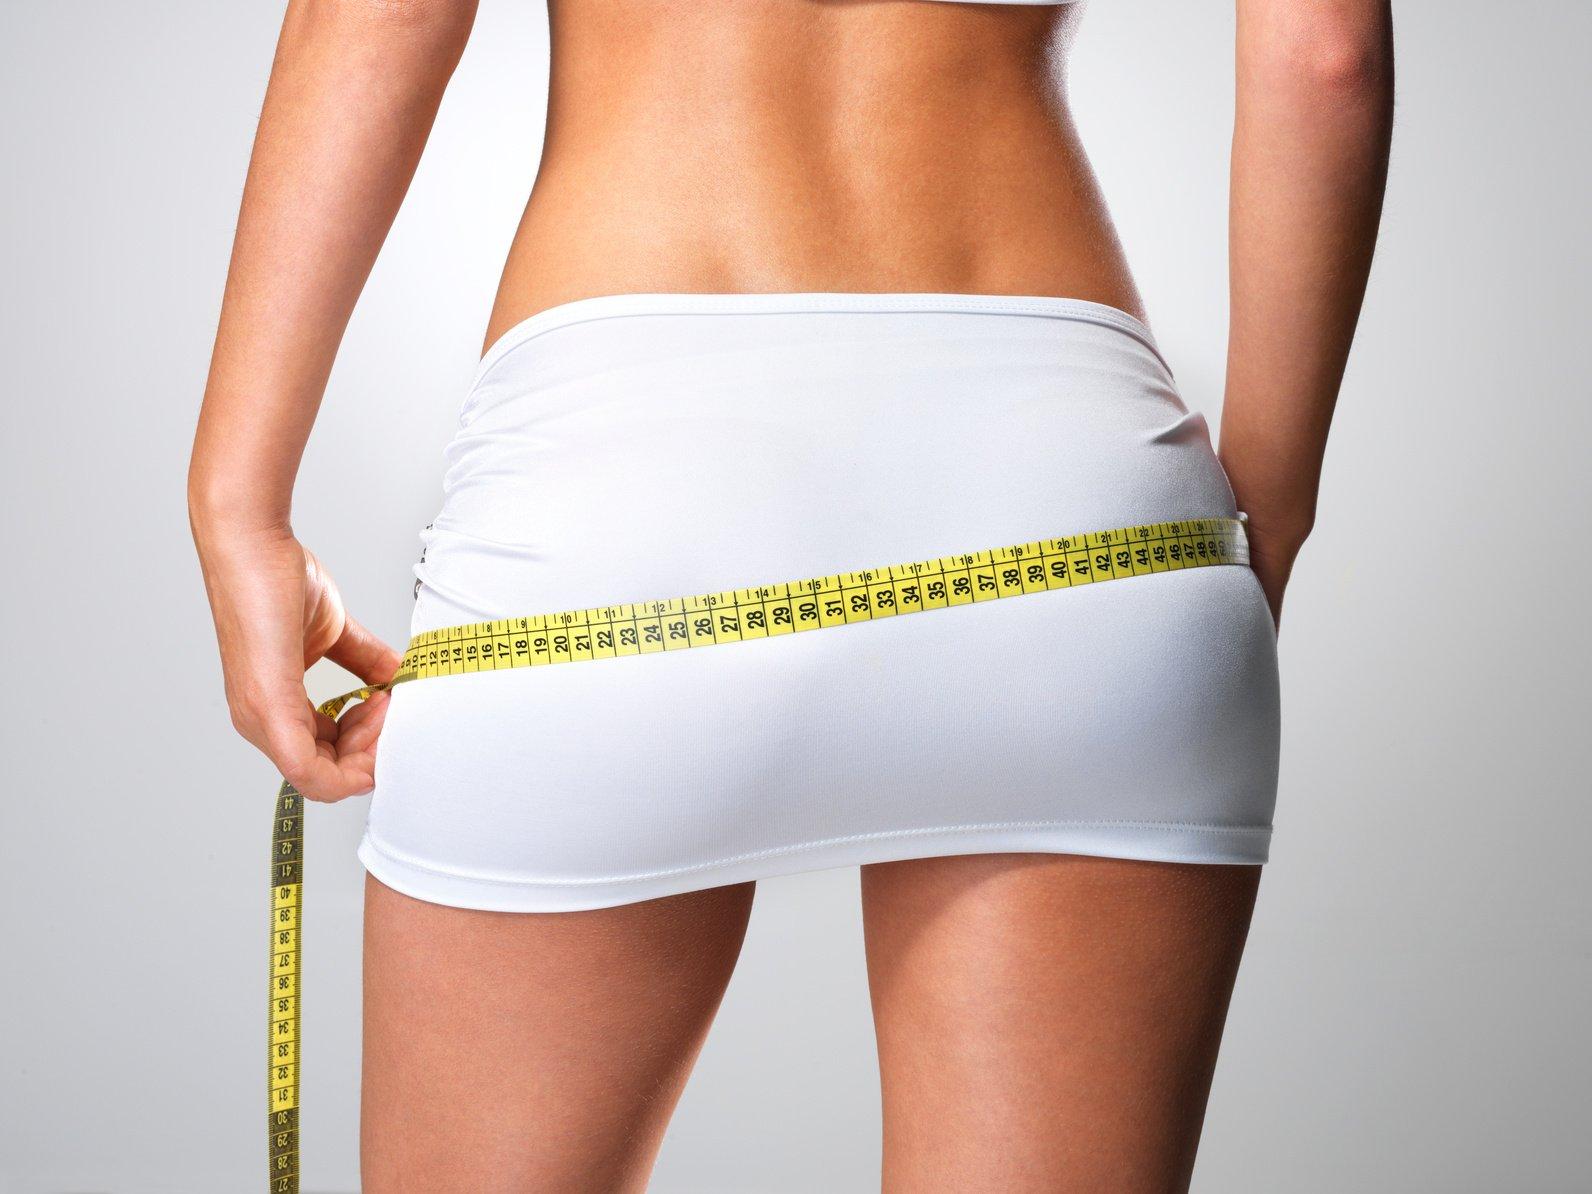 Сбросить вес на ягодицах и бедрах